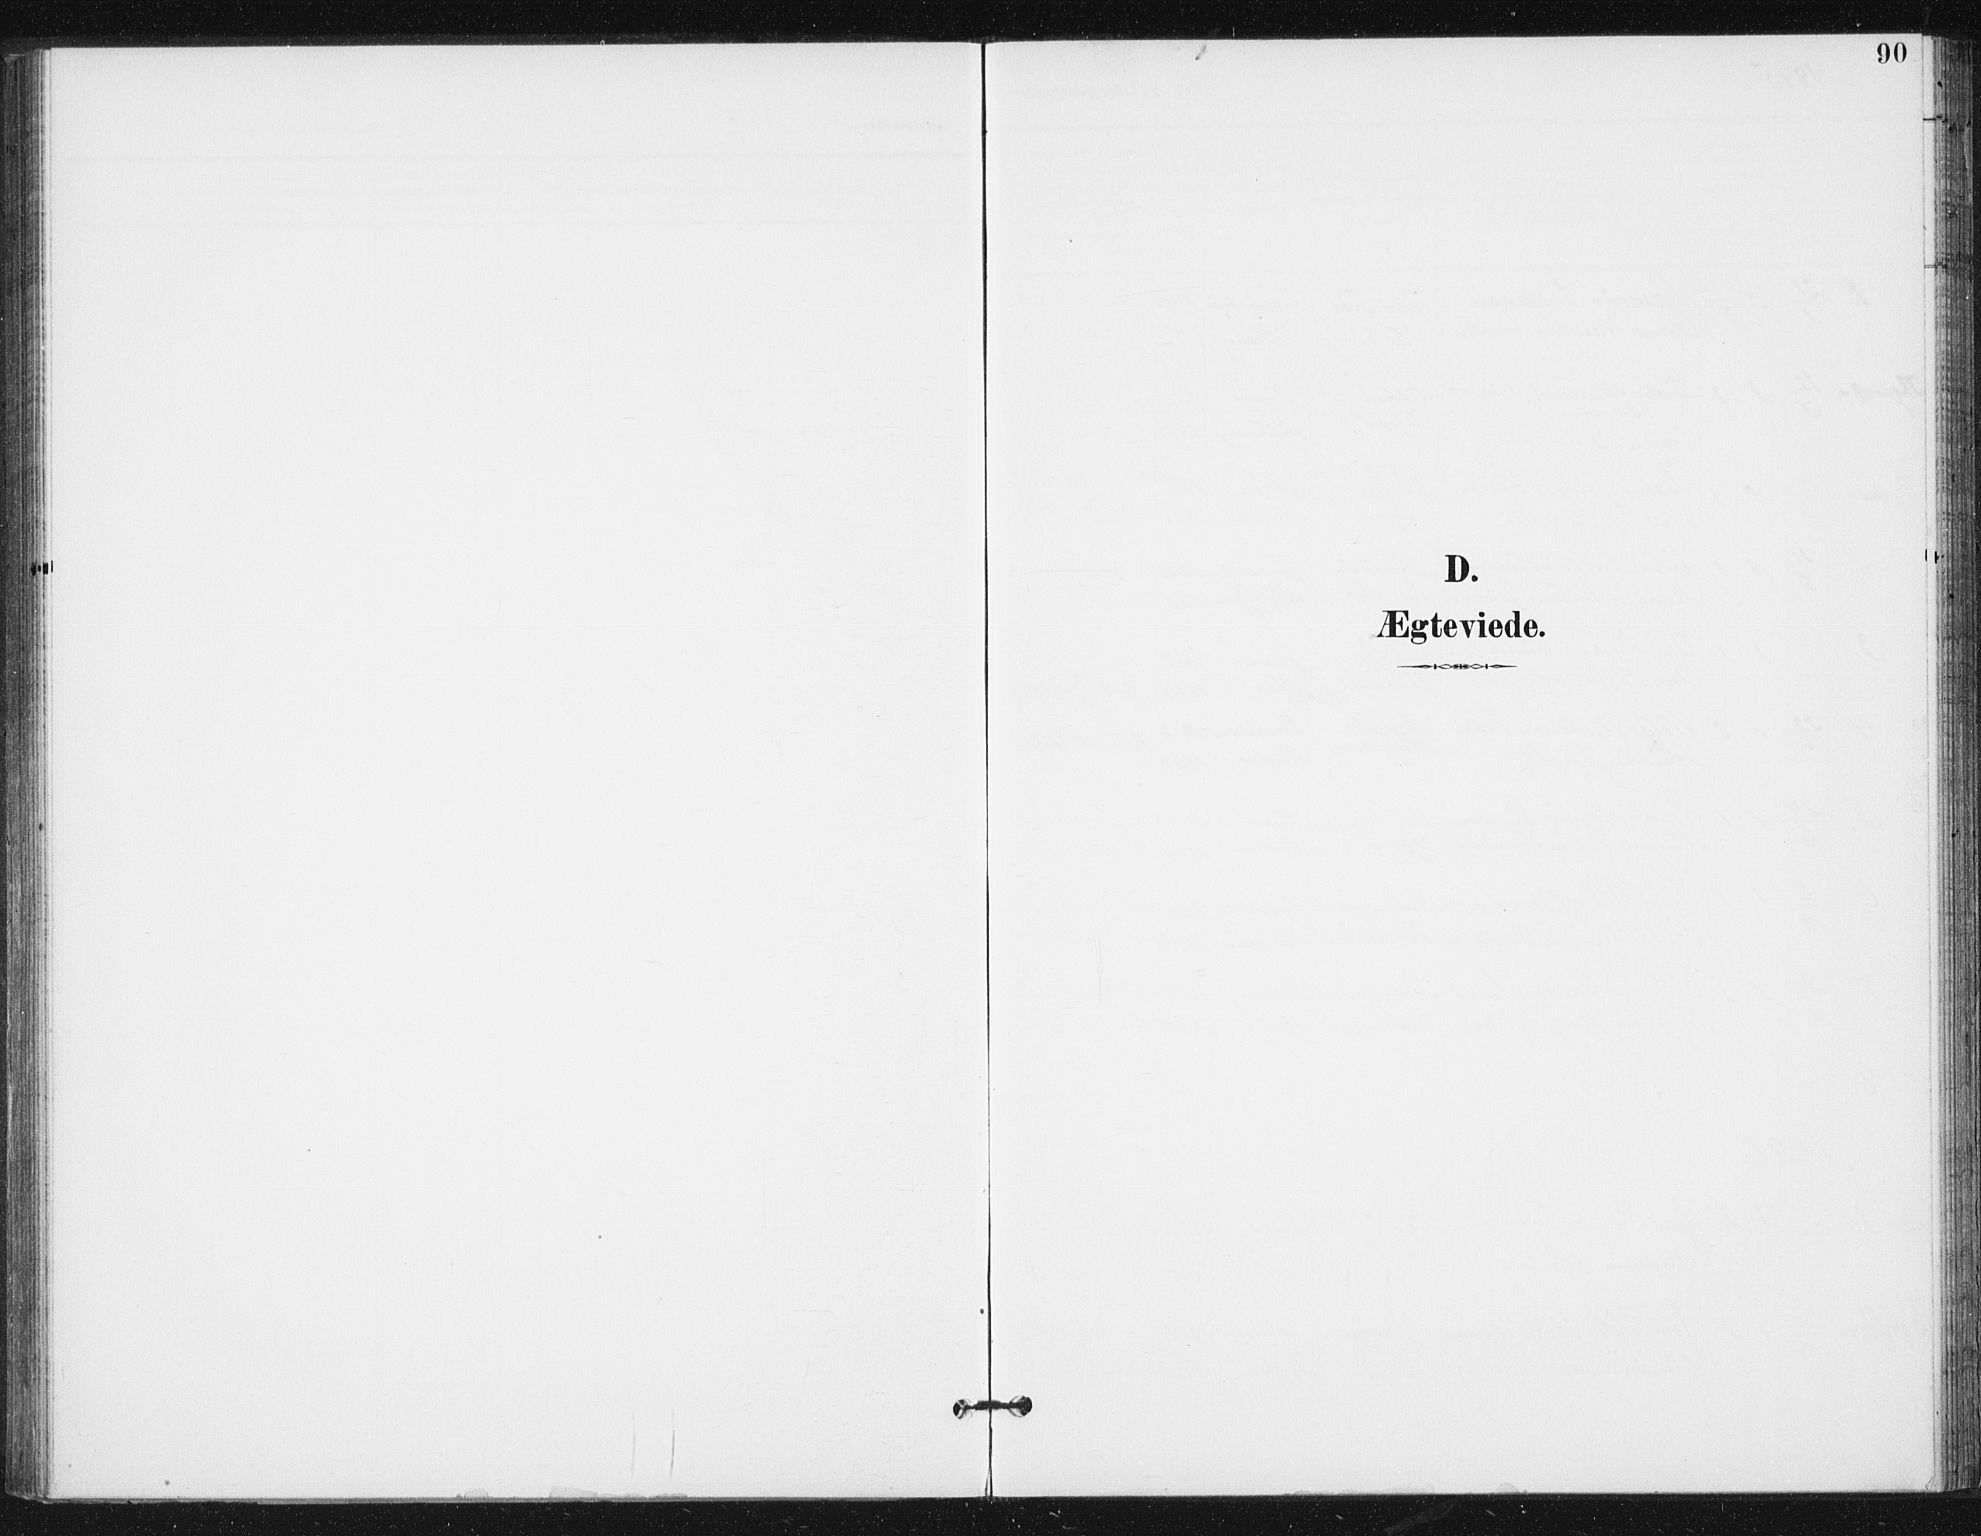 SAT, Ministerialprotokoller, klokkerbøker og fødselsregistre - Sør-Trøndelag, 654/L0664: Ministerialbok nr. 654A02, 1895-1907, s. 90